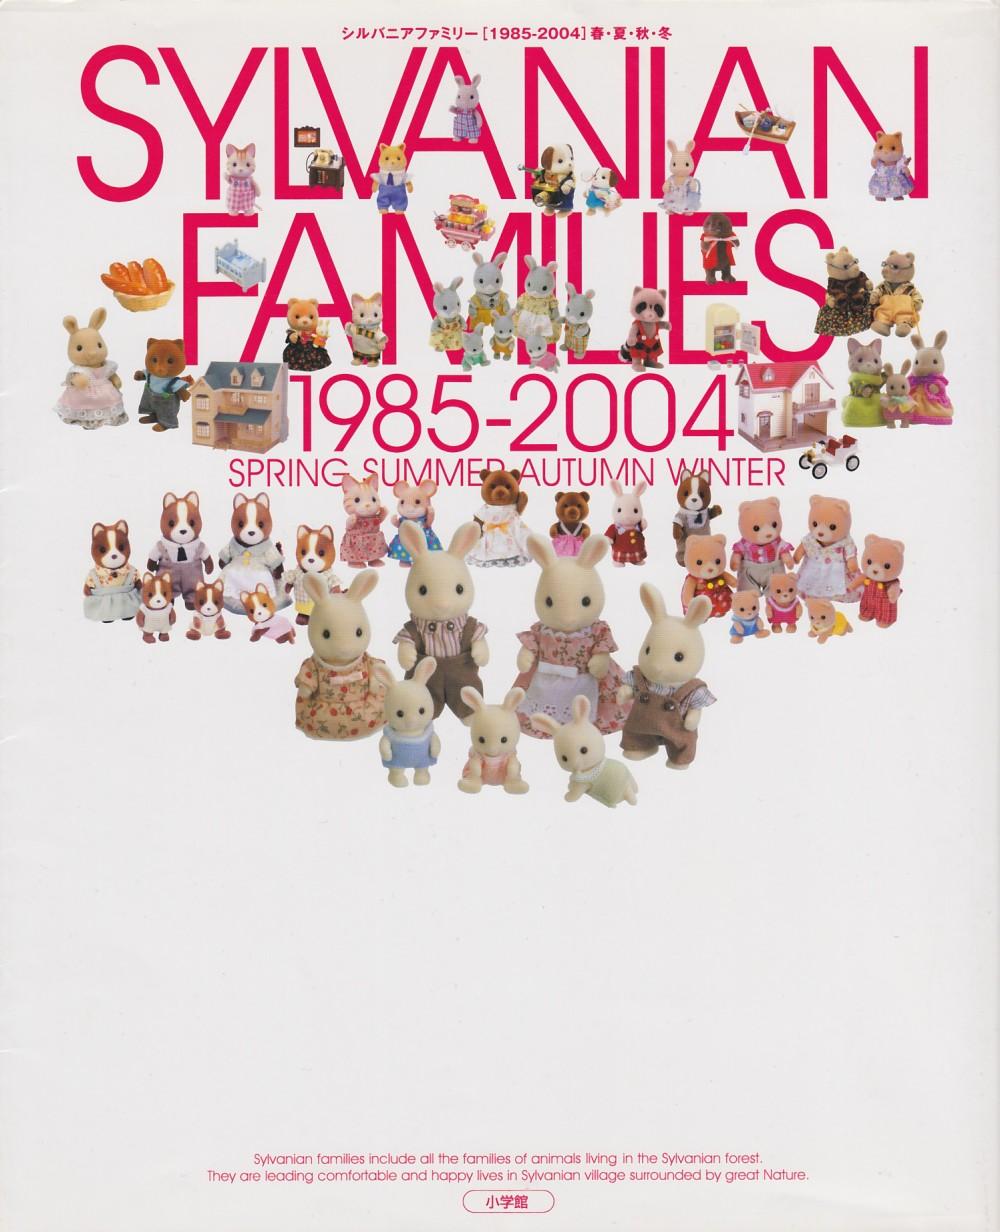 シルバニアファミリー[1985-2004]春・夏・秋・冬